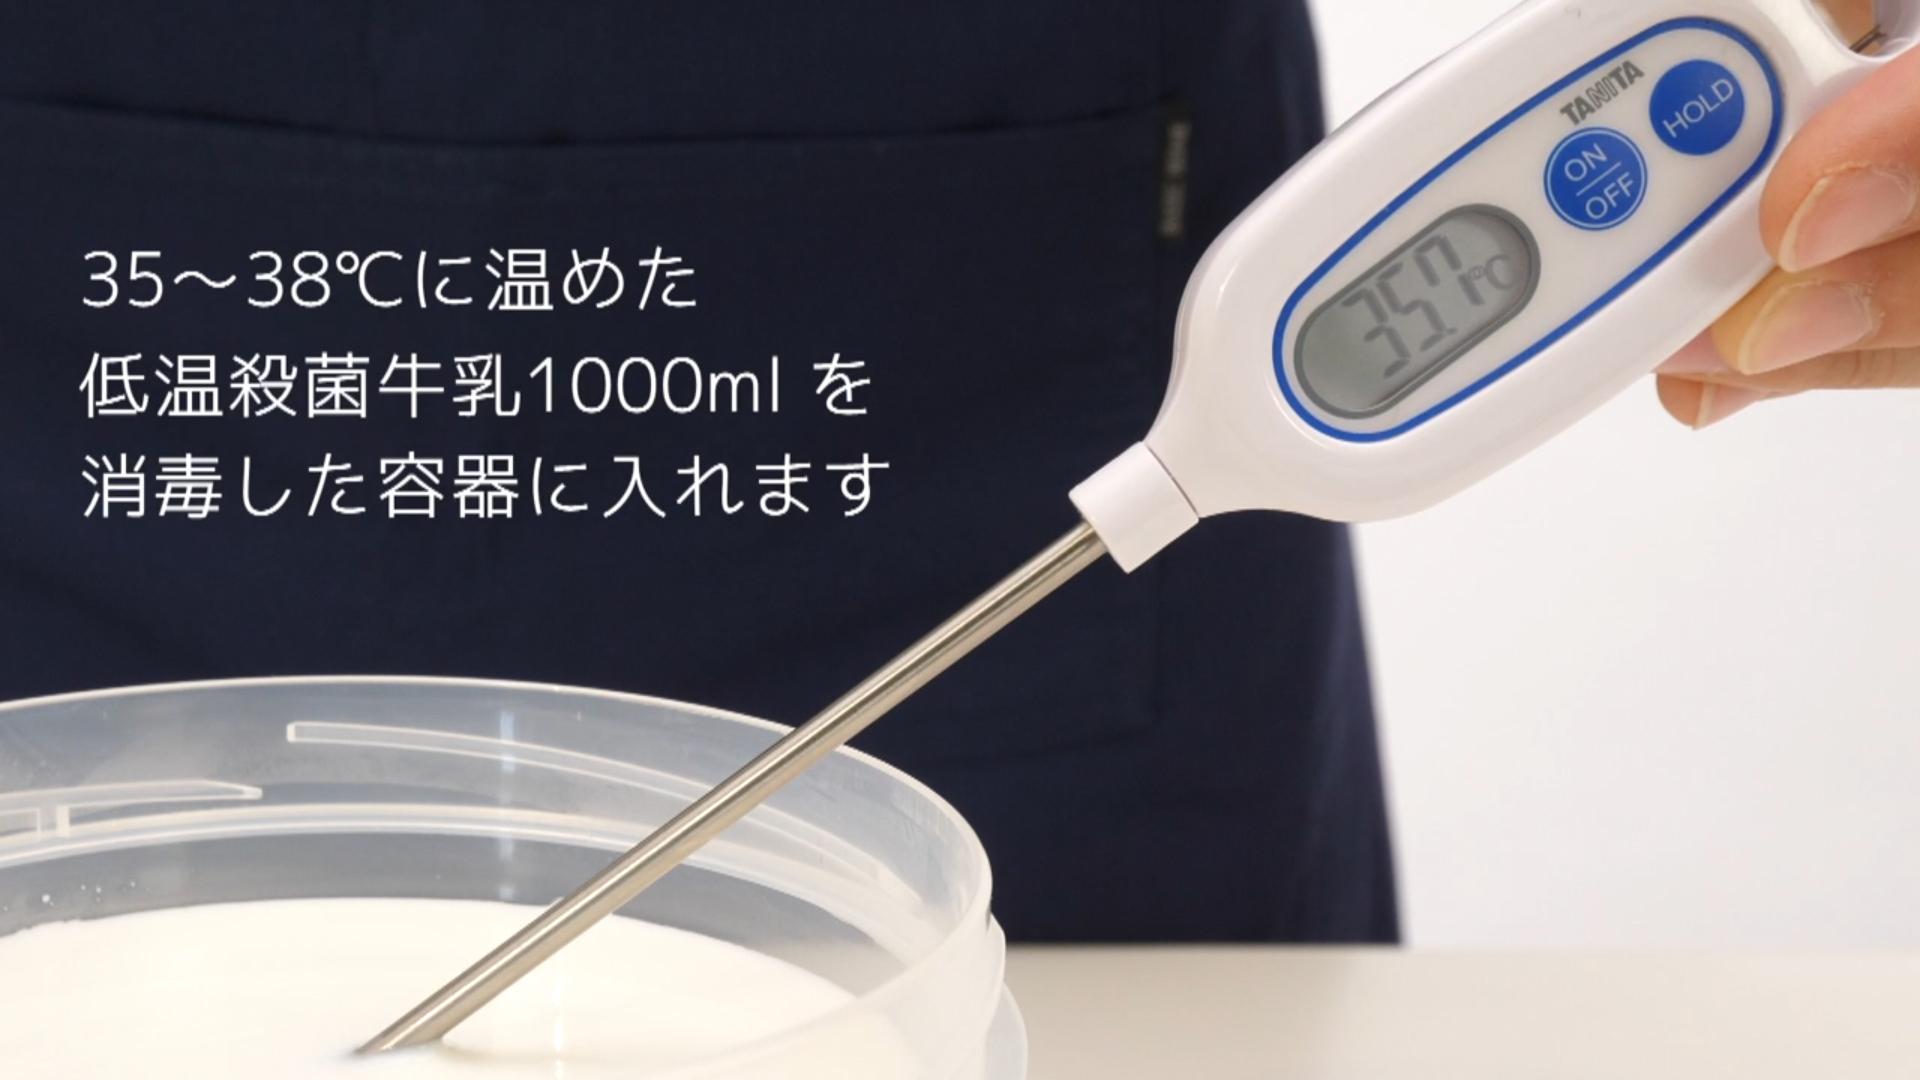 分量の牛乳を電子レンジか鍋で温めます。温度計を使って35℃~ 38℃にします。※温めすぎた場合は、冷ましてから次の工程に進んでください。